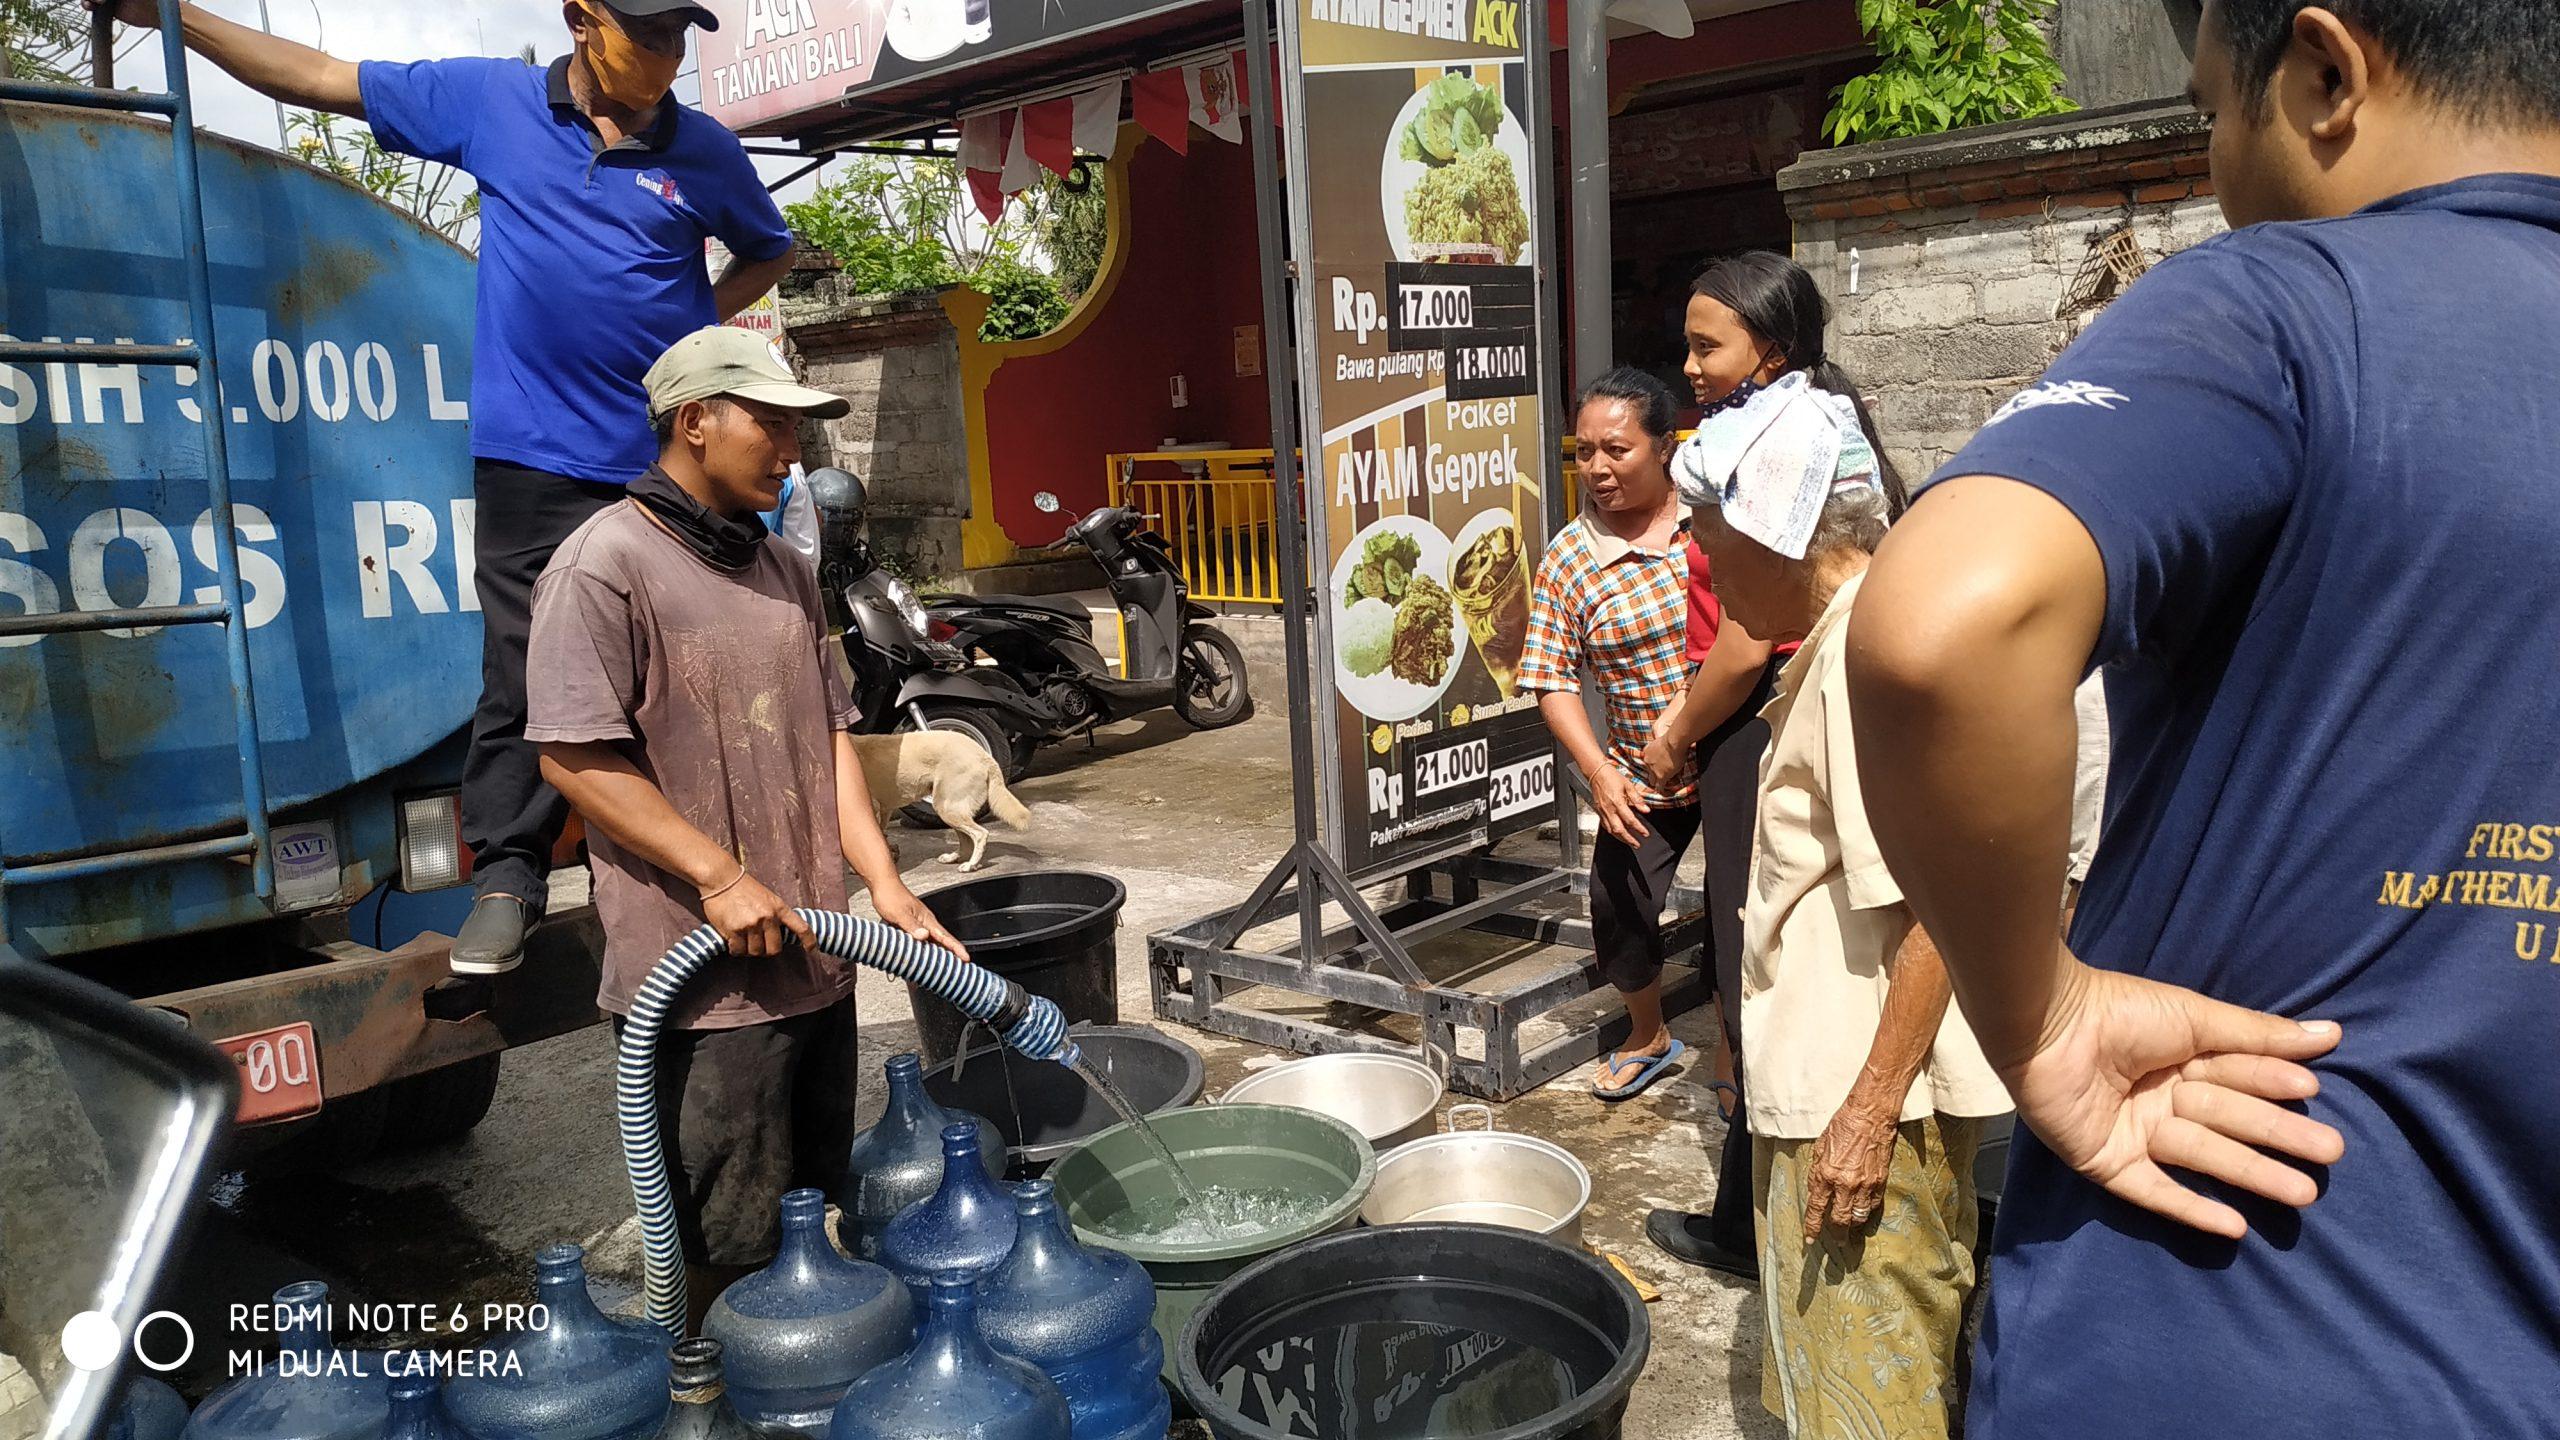 Foto : AIR BERSIH WARGA Banjar Gaga, Desa Tamanbali, mengantre demi mendapatkan air bersih yang disuplai oleh PDAM. Foto: gia